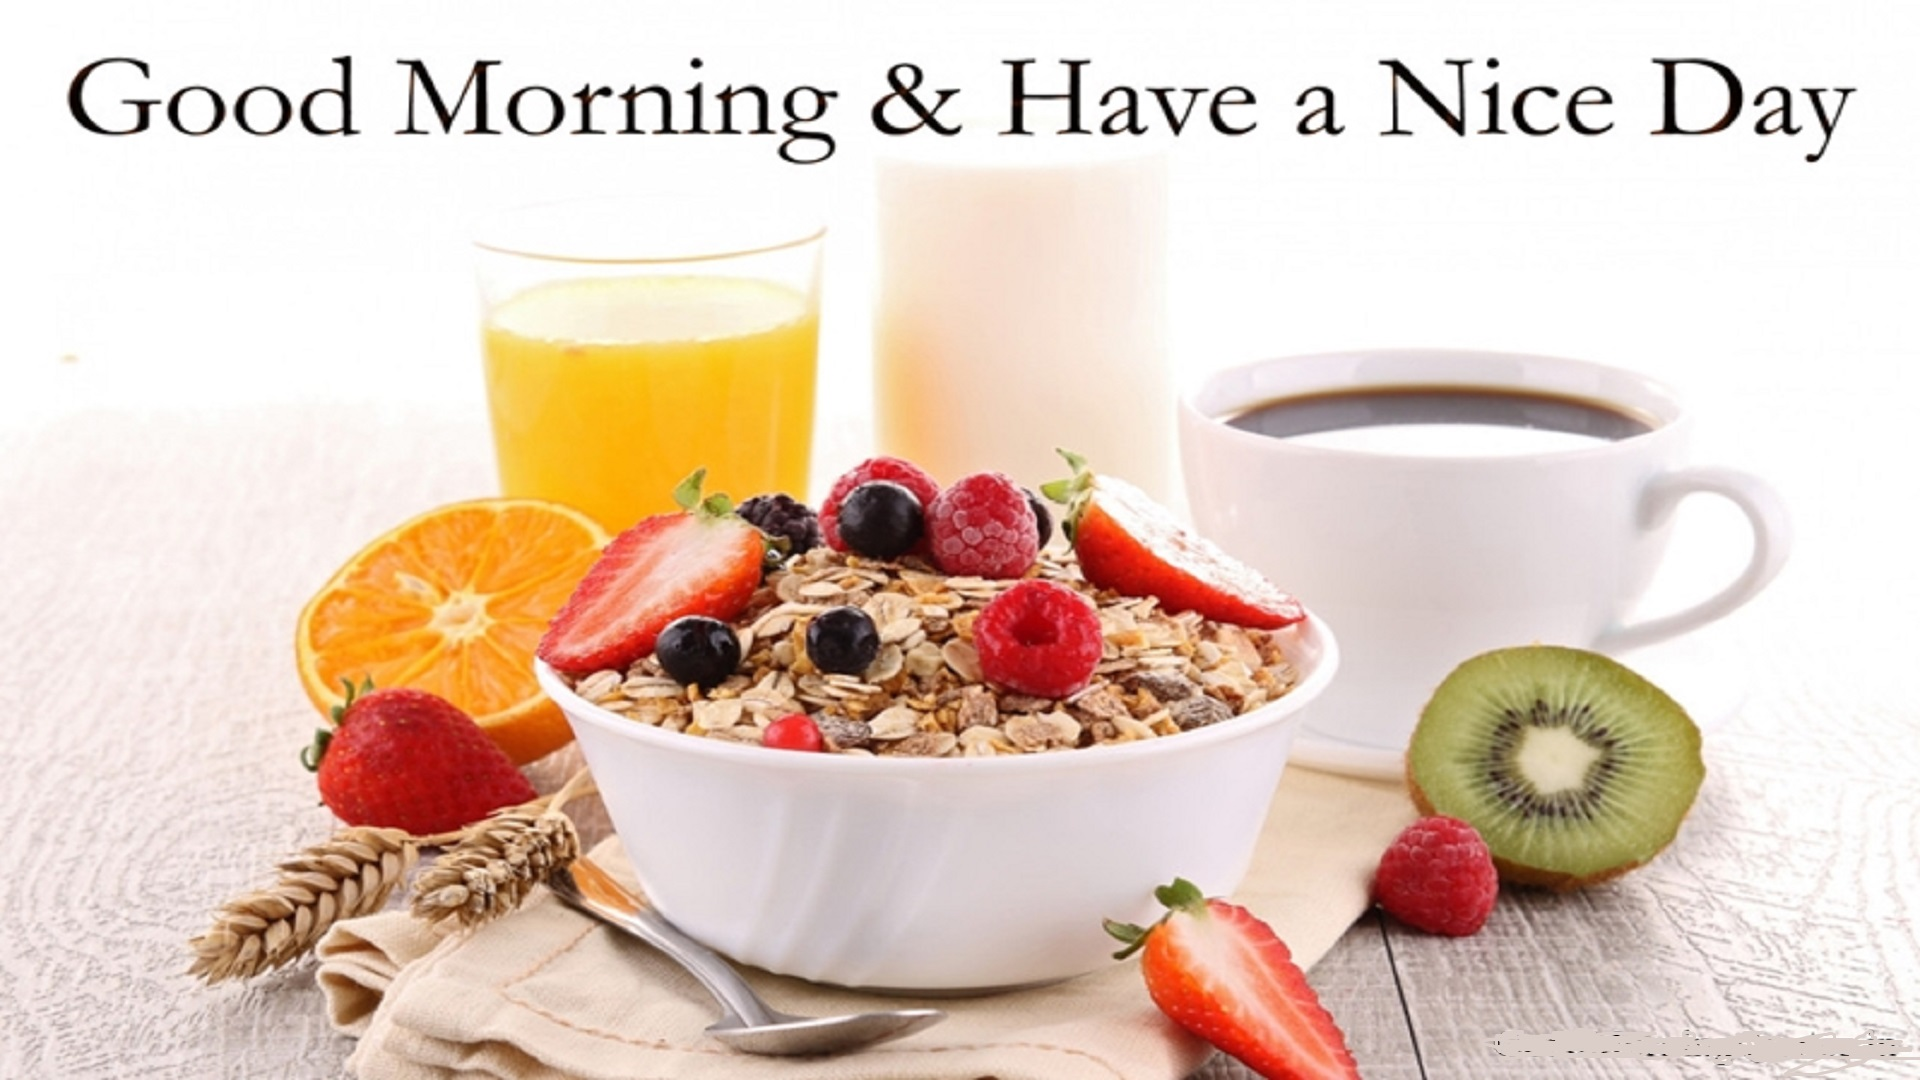 Hình ảnh chào buổi sáng đẹp và lãng mạn - Hình ảnh bữa sáng dinh dưỡng